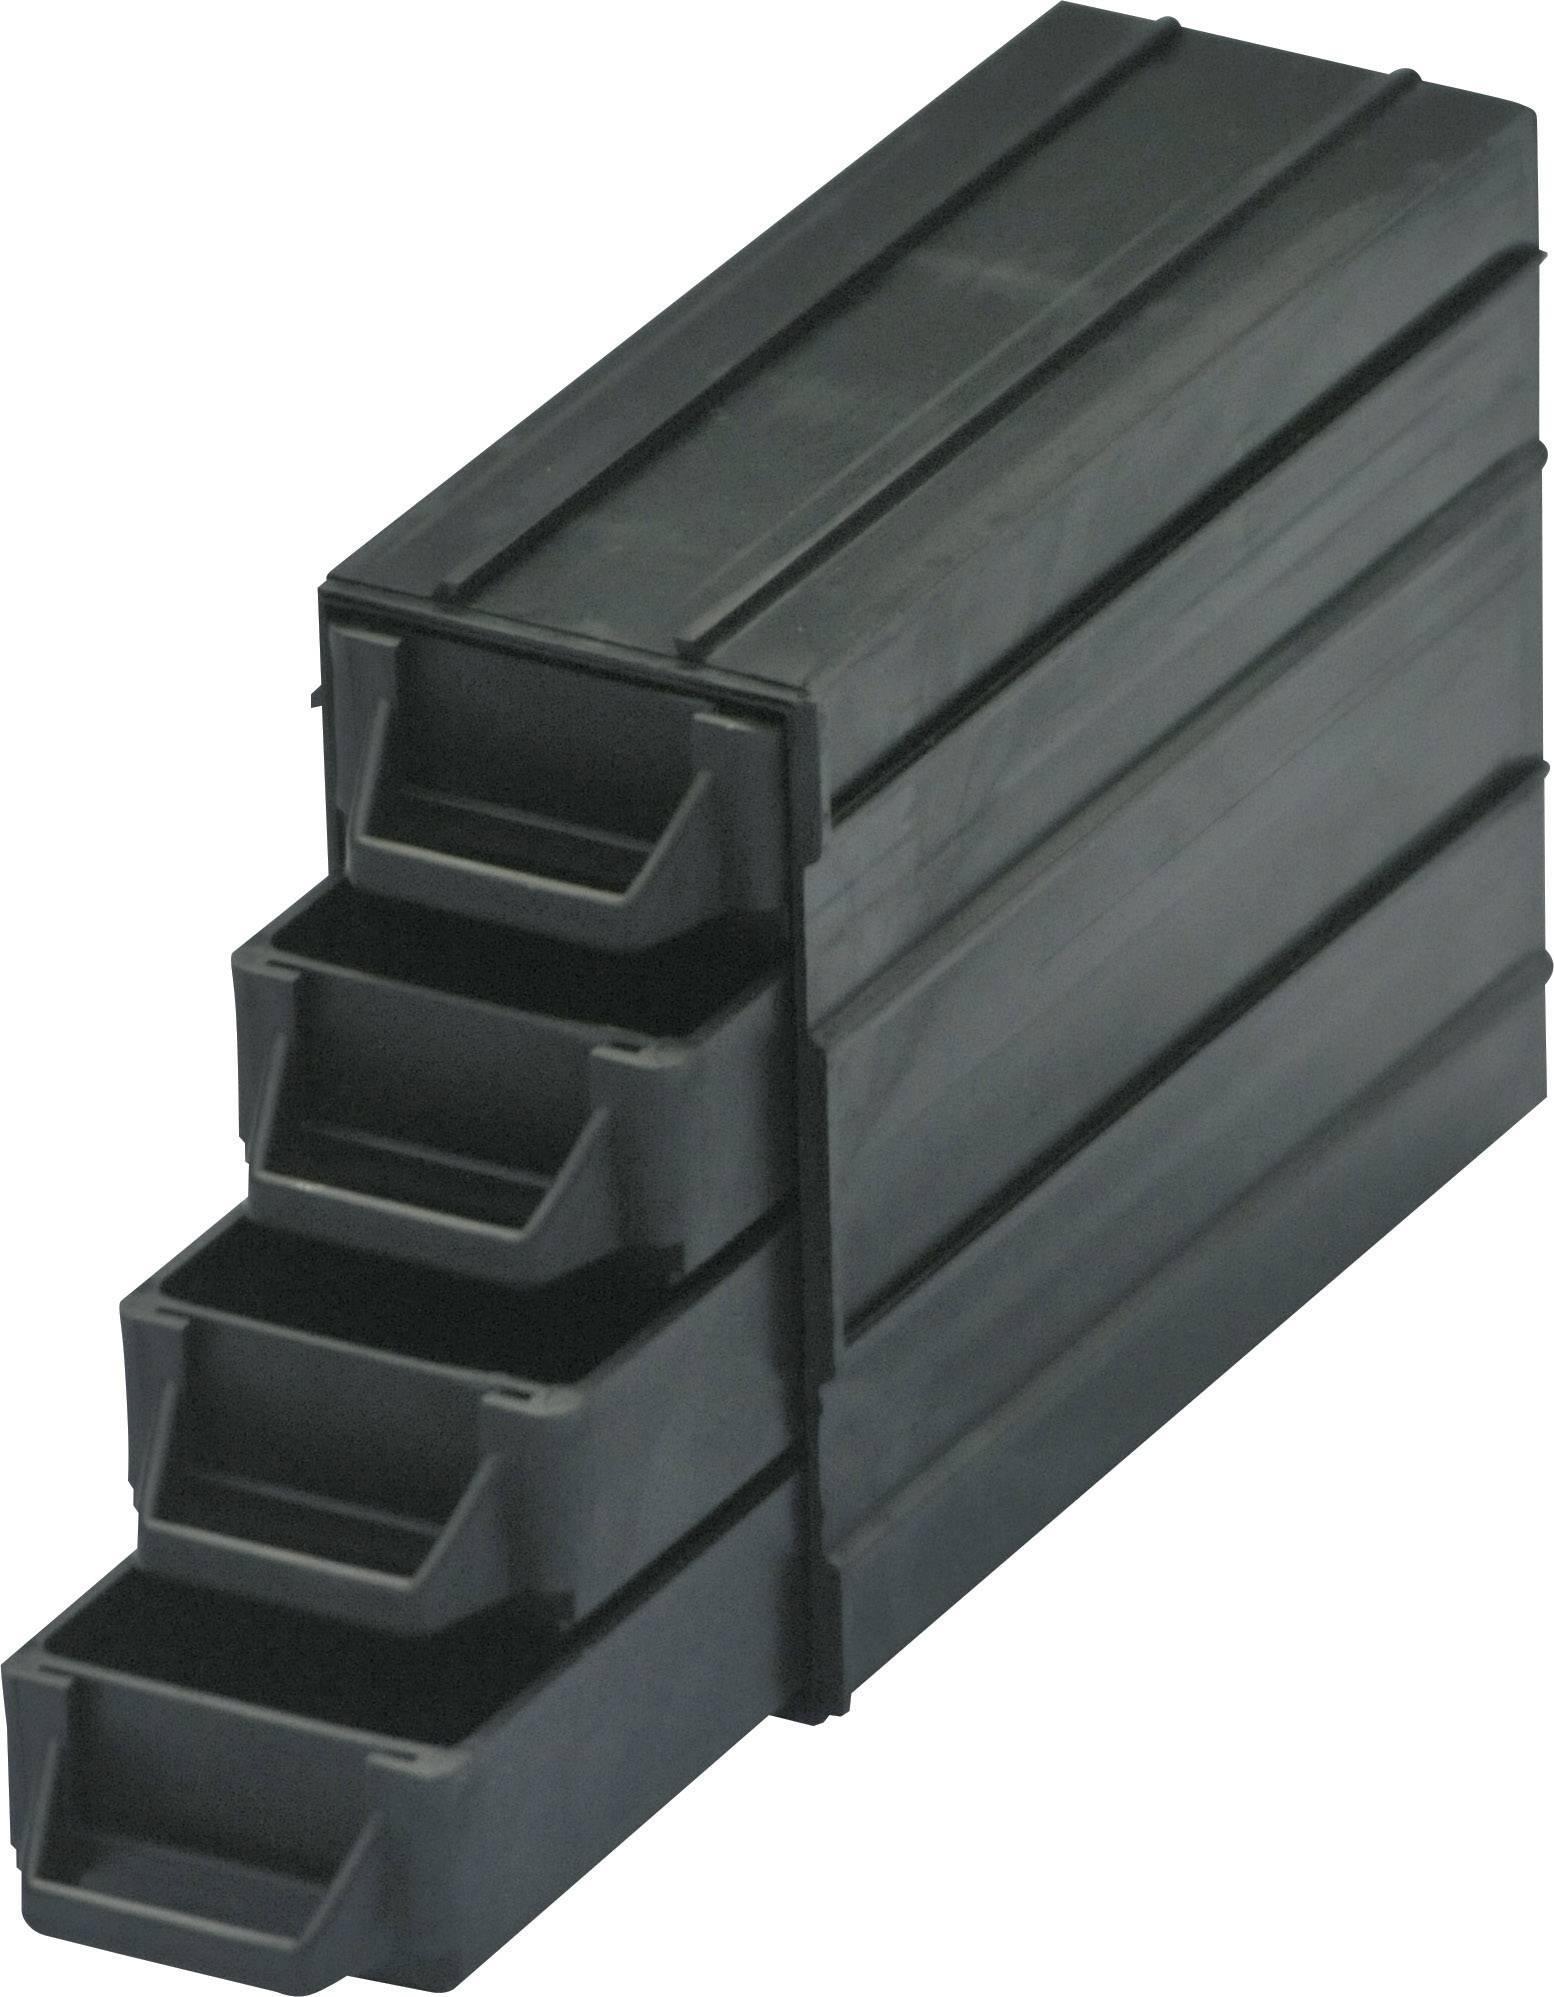 ESD zásobník na malé diely BJZ C-188 054, (d x š x v) 120 x 40 x 20 mm, čierna